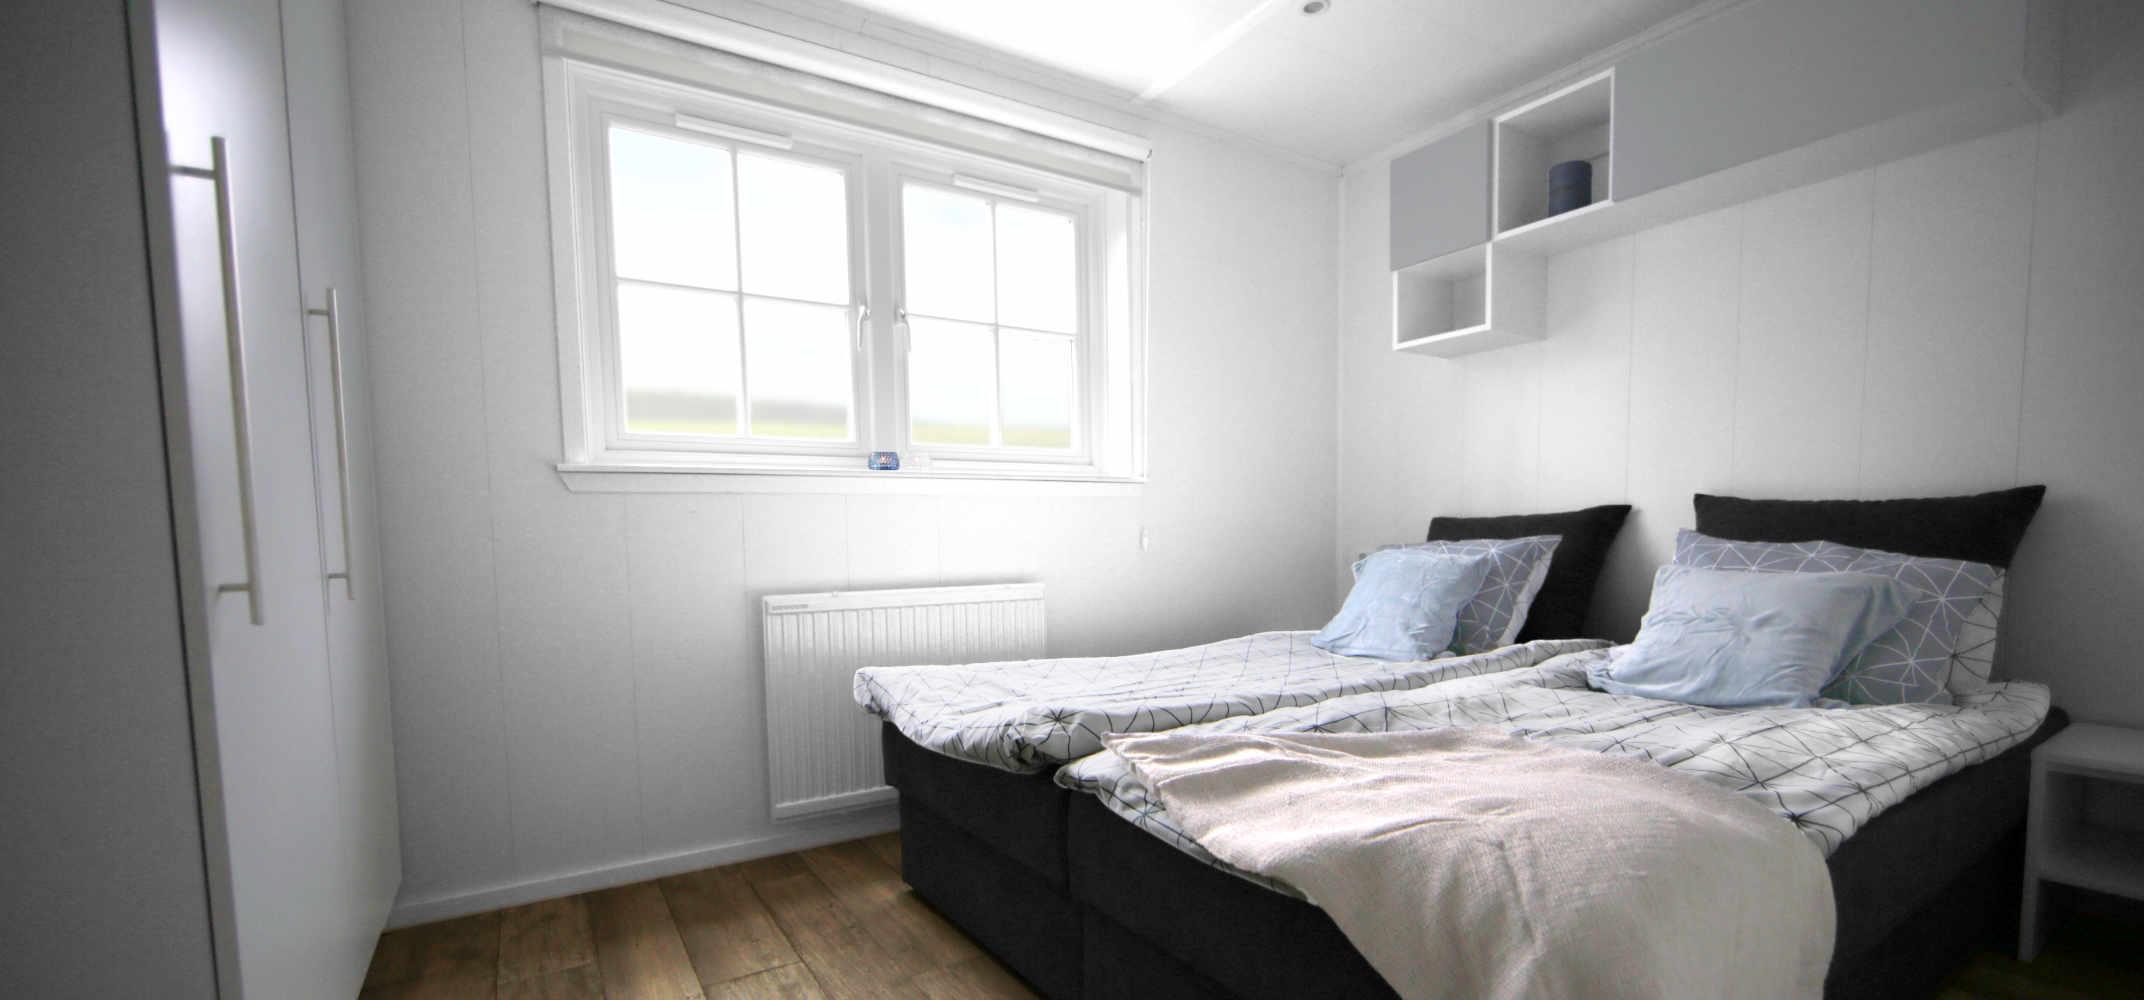 48 Sörby stora sovrummet besk.jpg